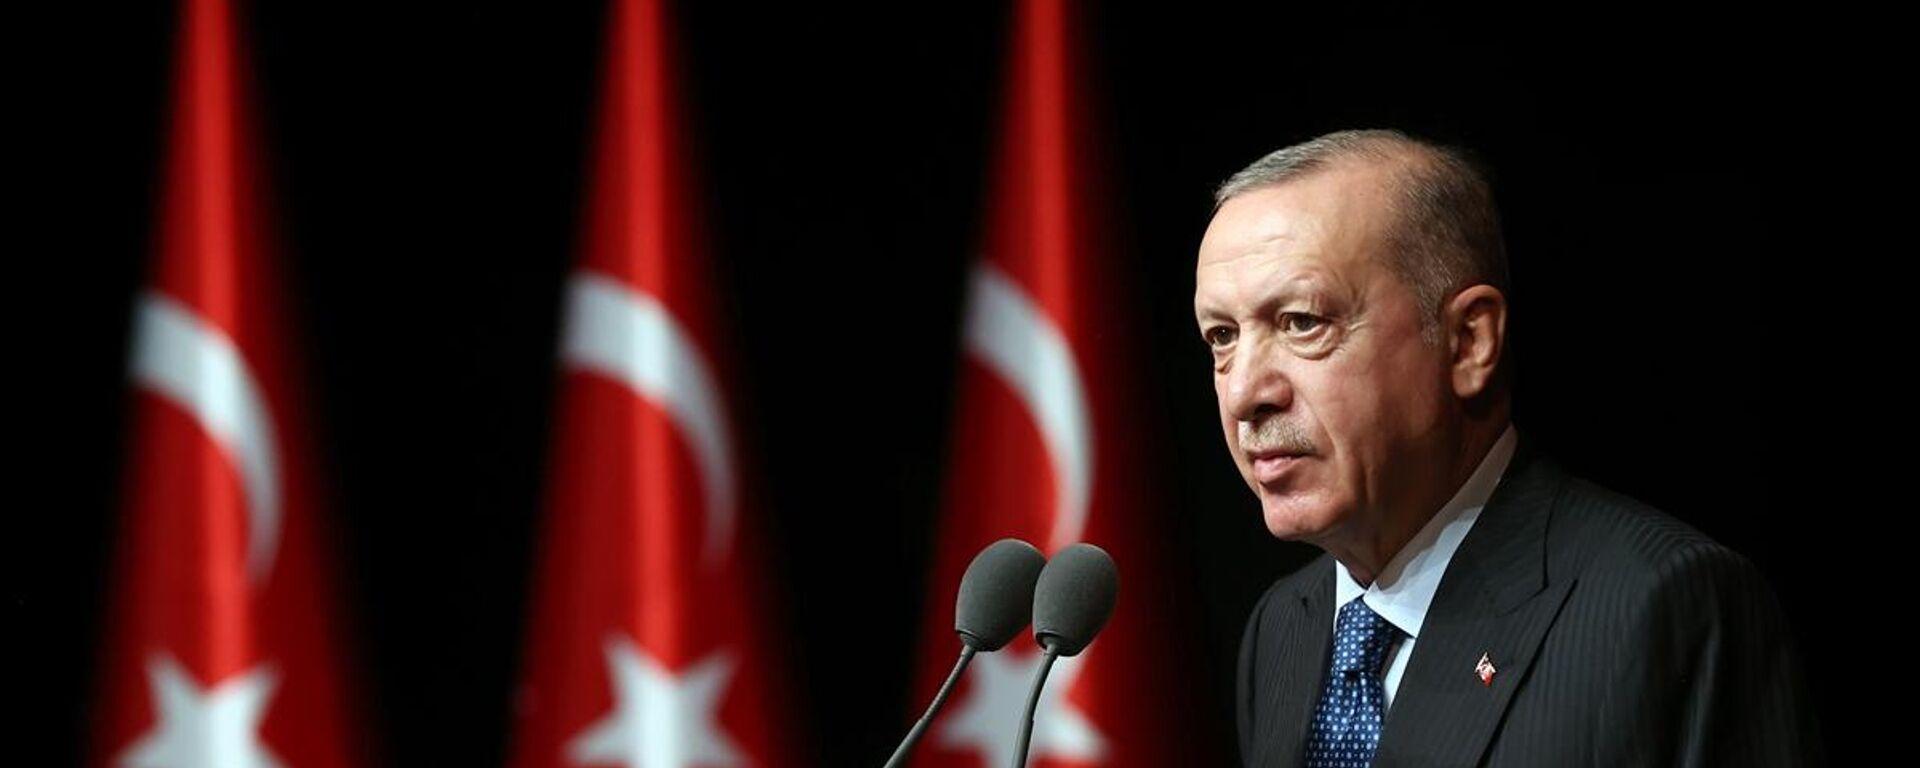 Cumhurbaşkanı Recep Tayyip Erdoğan, 2021-2022 Yükseköğretim Akademik Yıl Açılış Töreni'nde konuştu. - Sputnik Türkiye, 1920, 07.10.2021